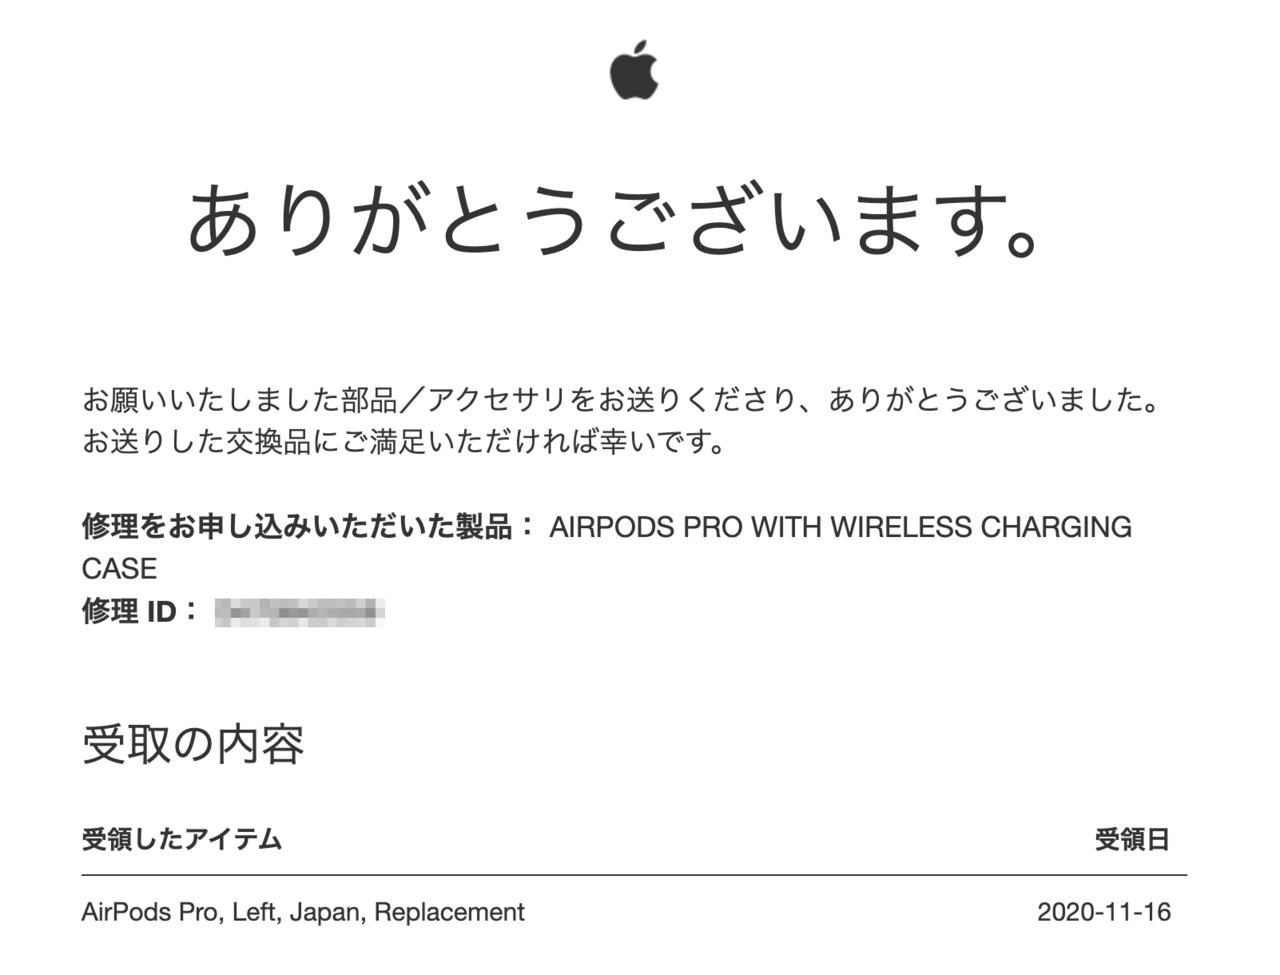 Appleからの交換品受領メール